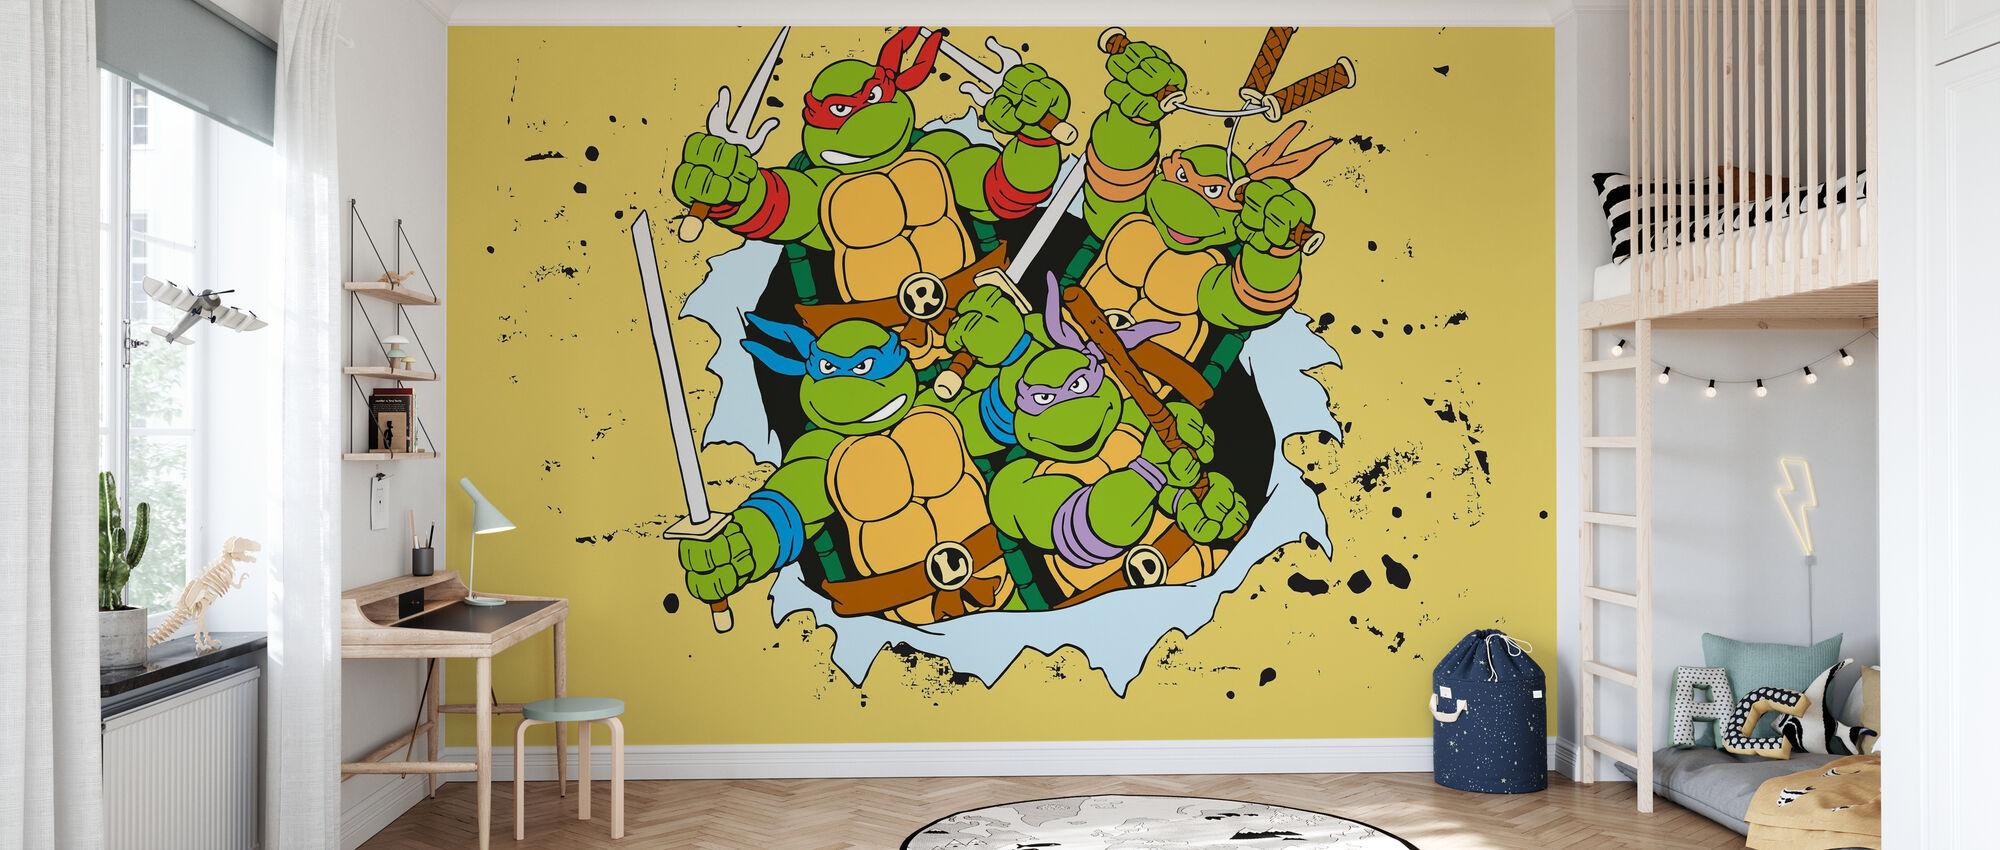 Original Ninjas Yellow - Wallpaper - Kids Room